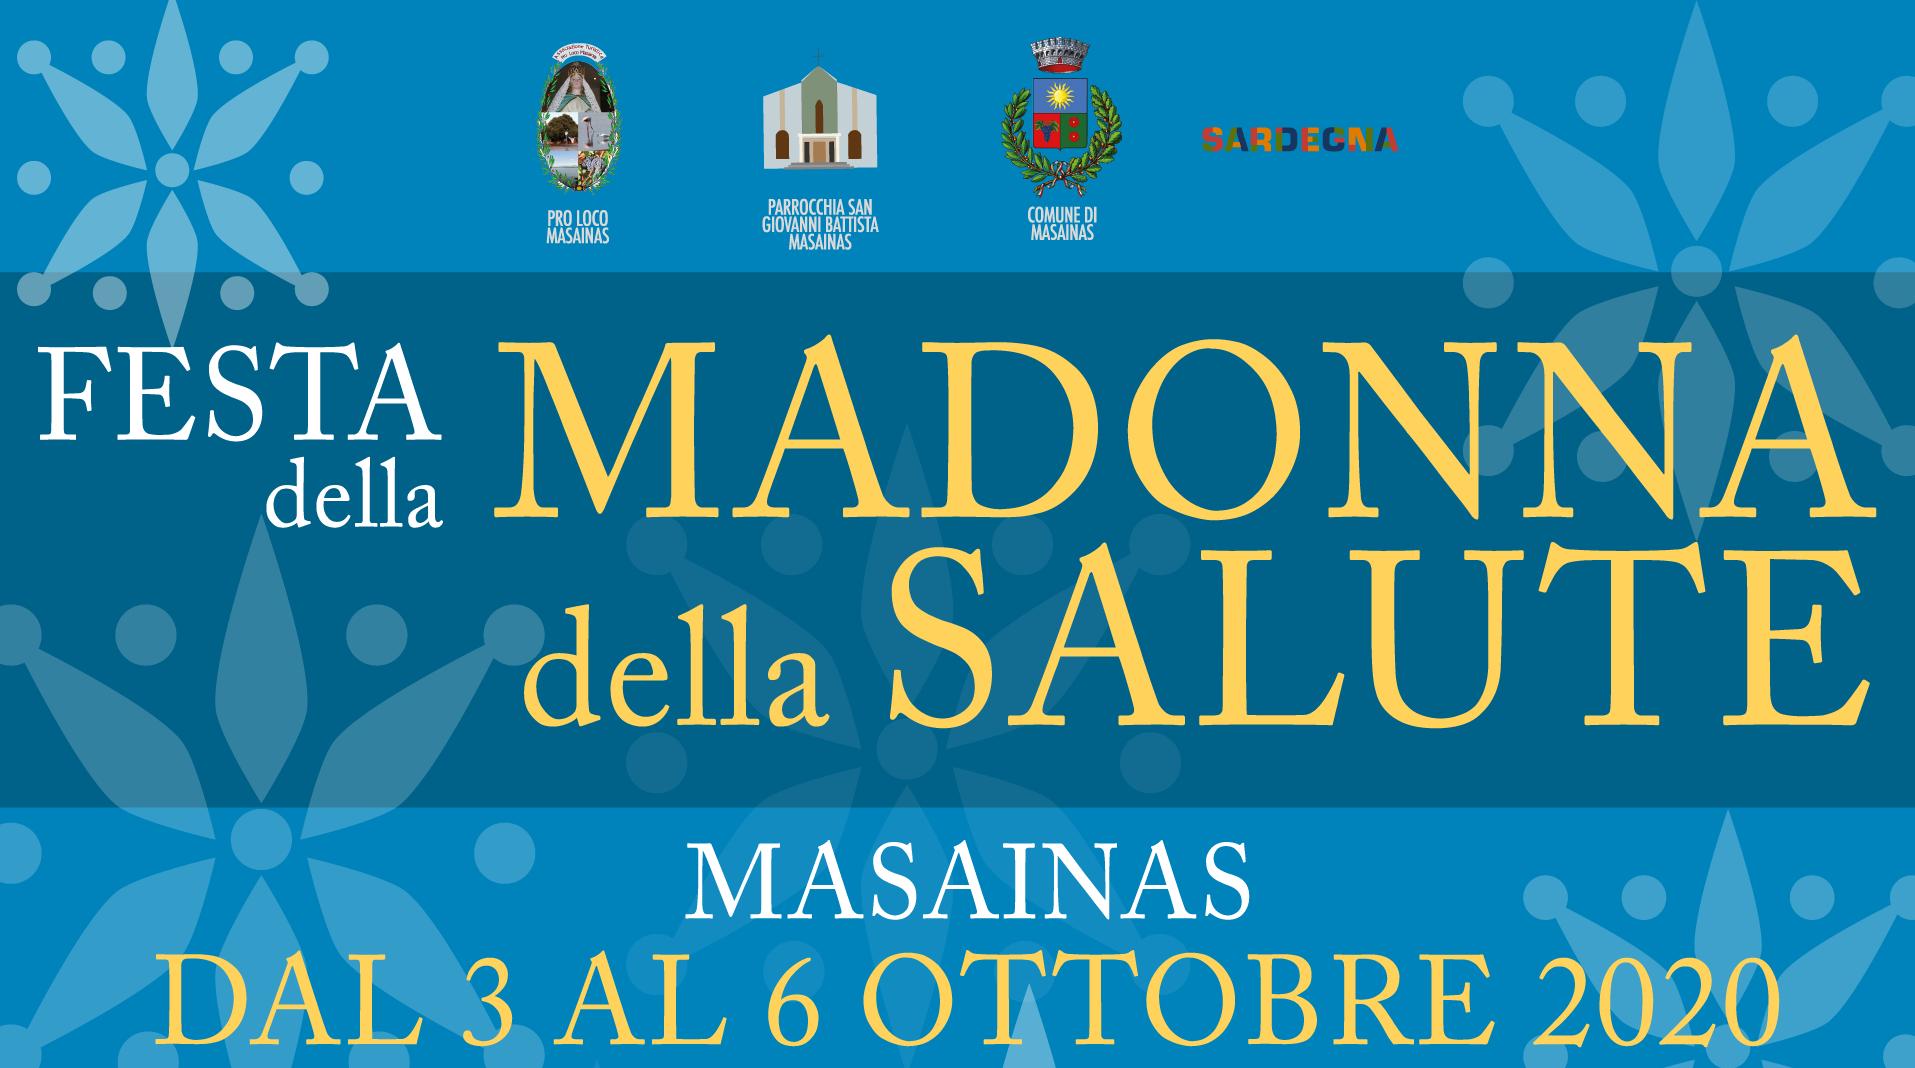 Festa Madonna della Salute 2020 – Masainas Turismo